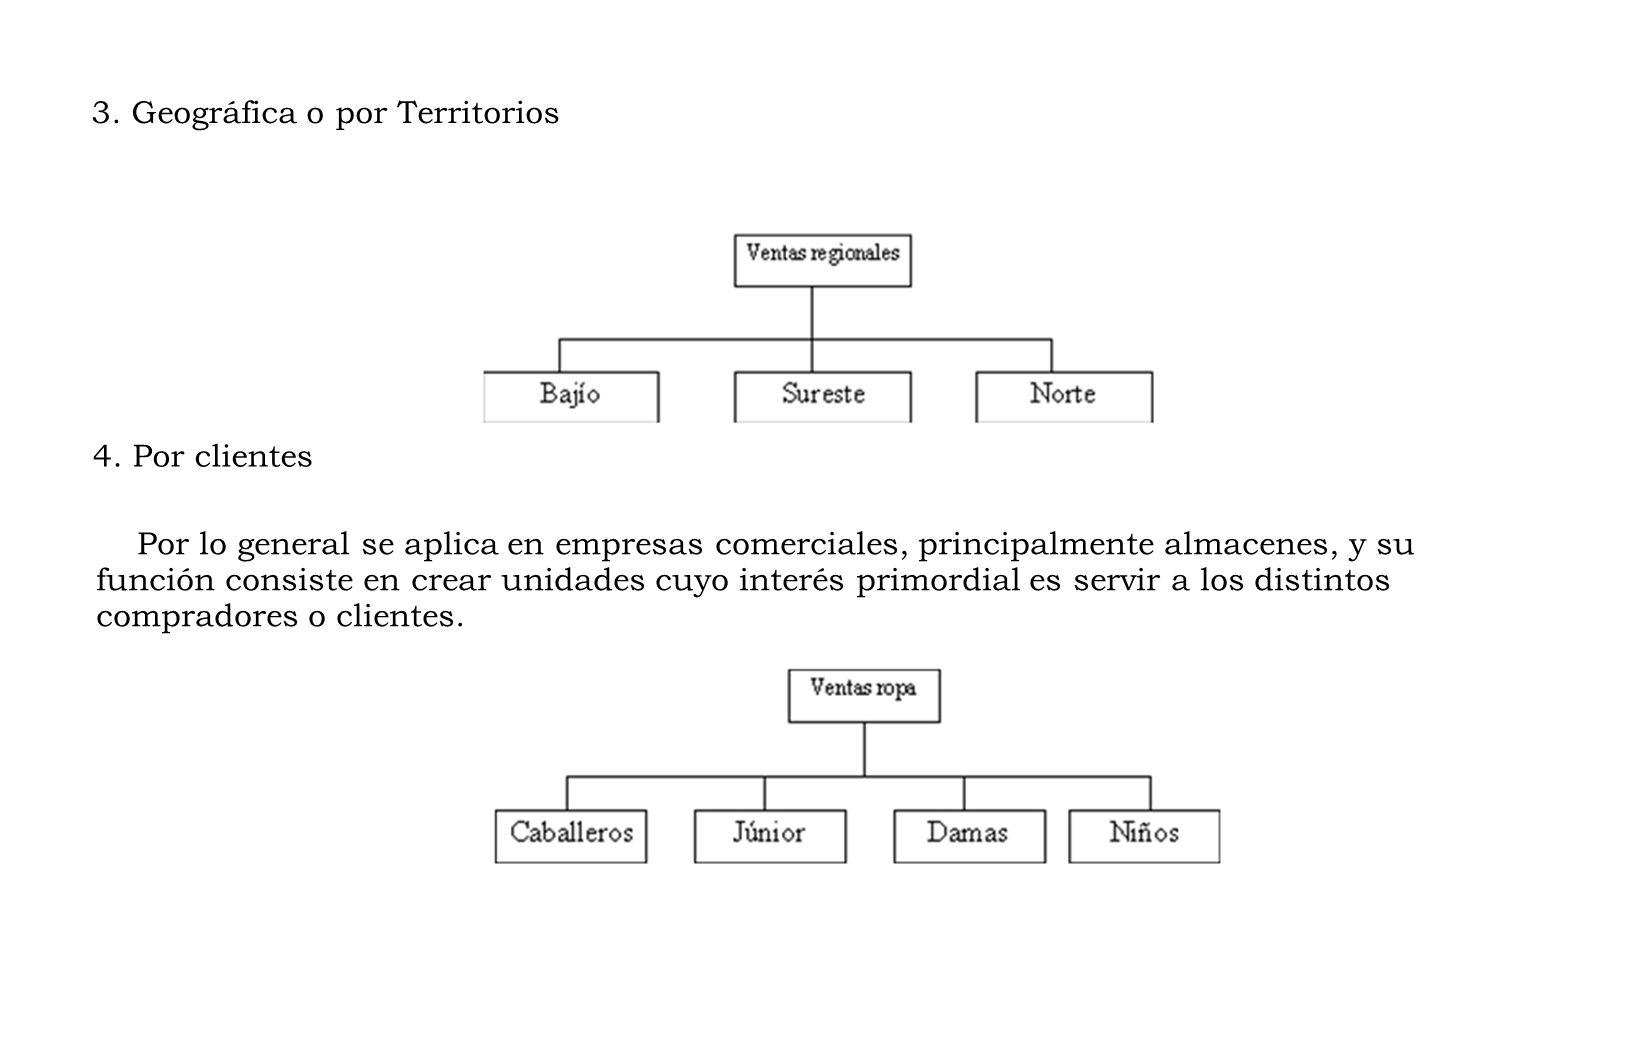 3. Geográfica o por Territorios